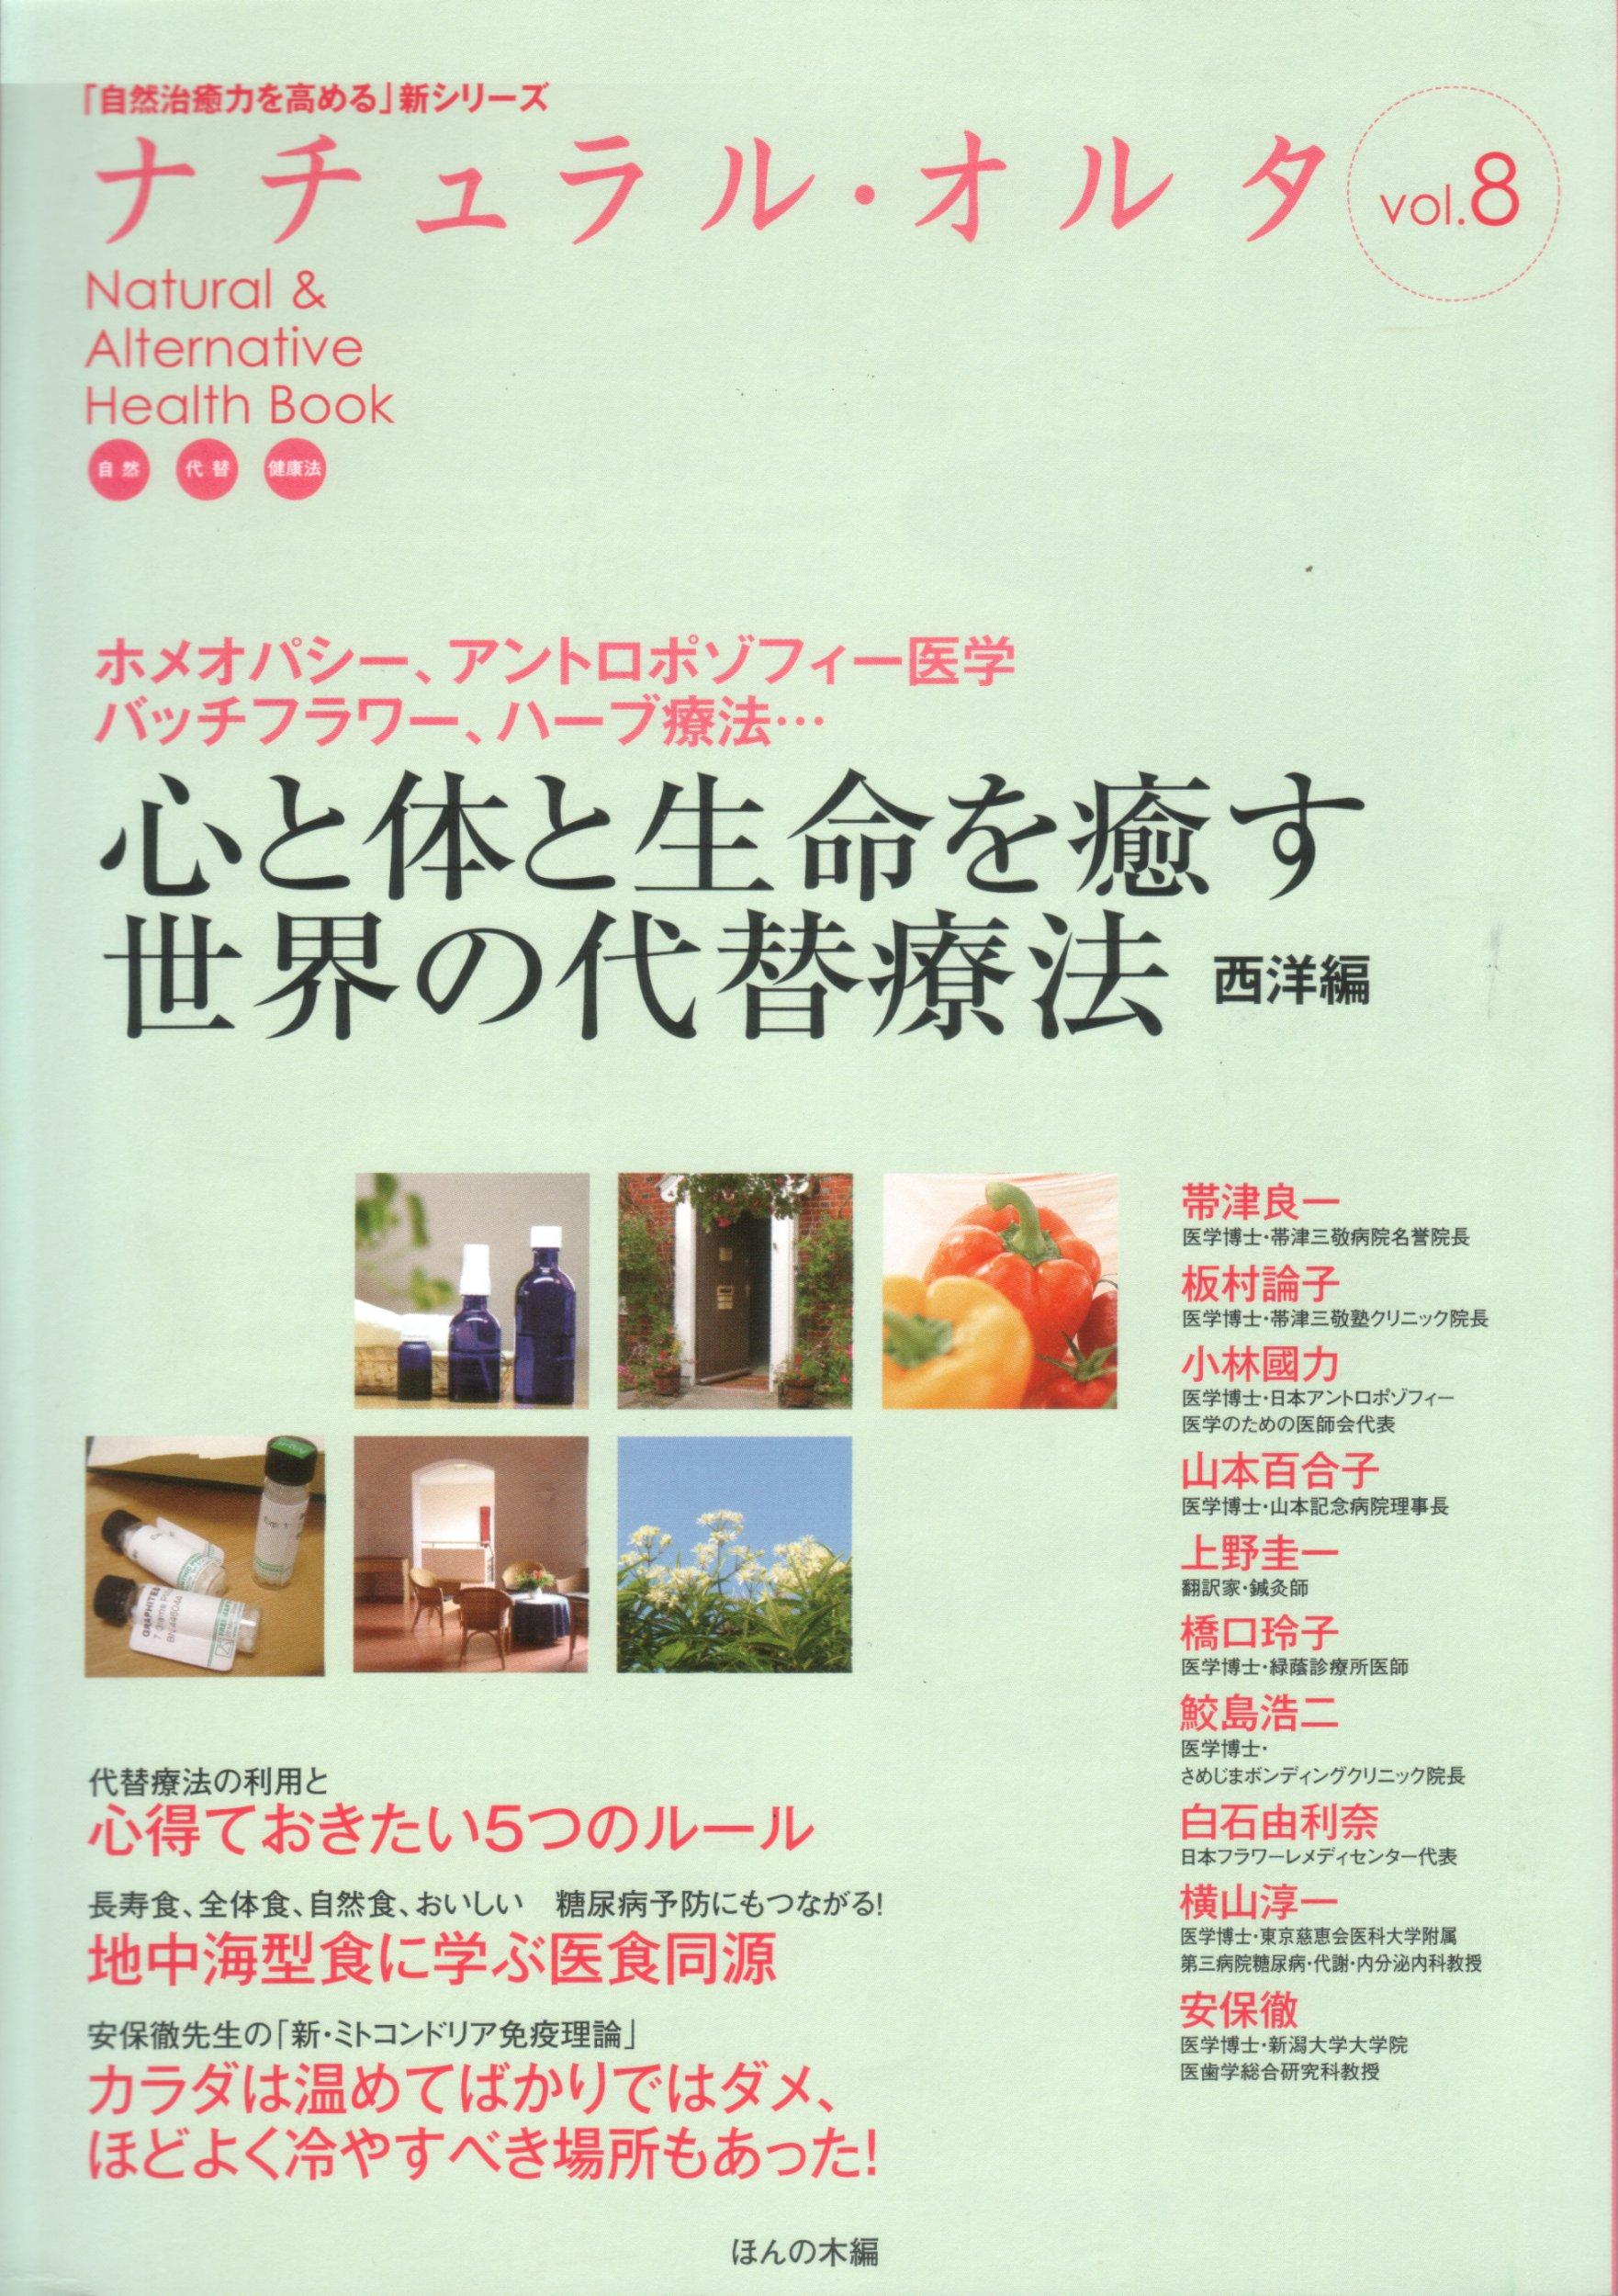 Kokoro to karada to seimei o iyasu sekai no daitai ryōhō. pdf